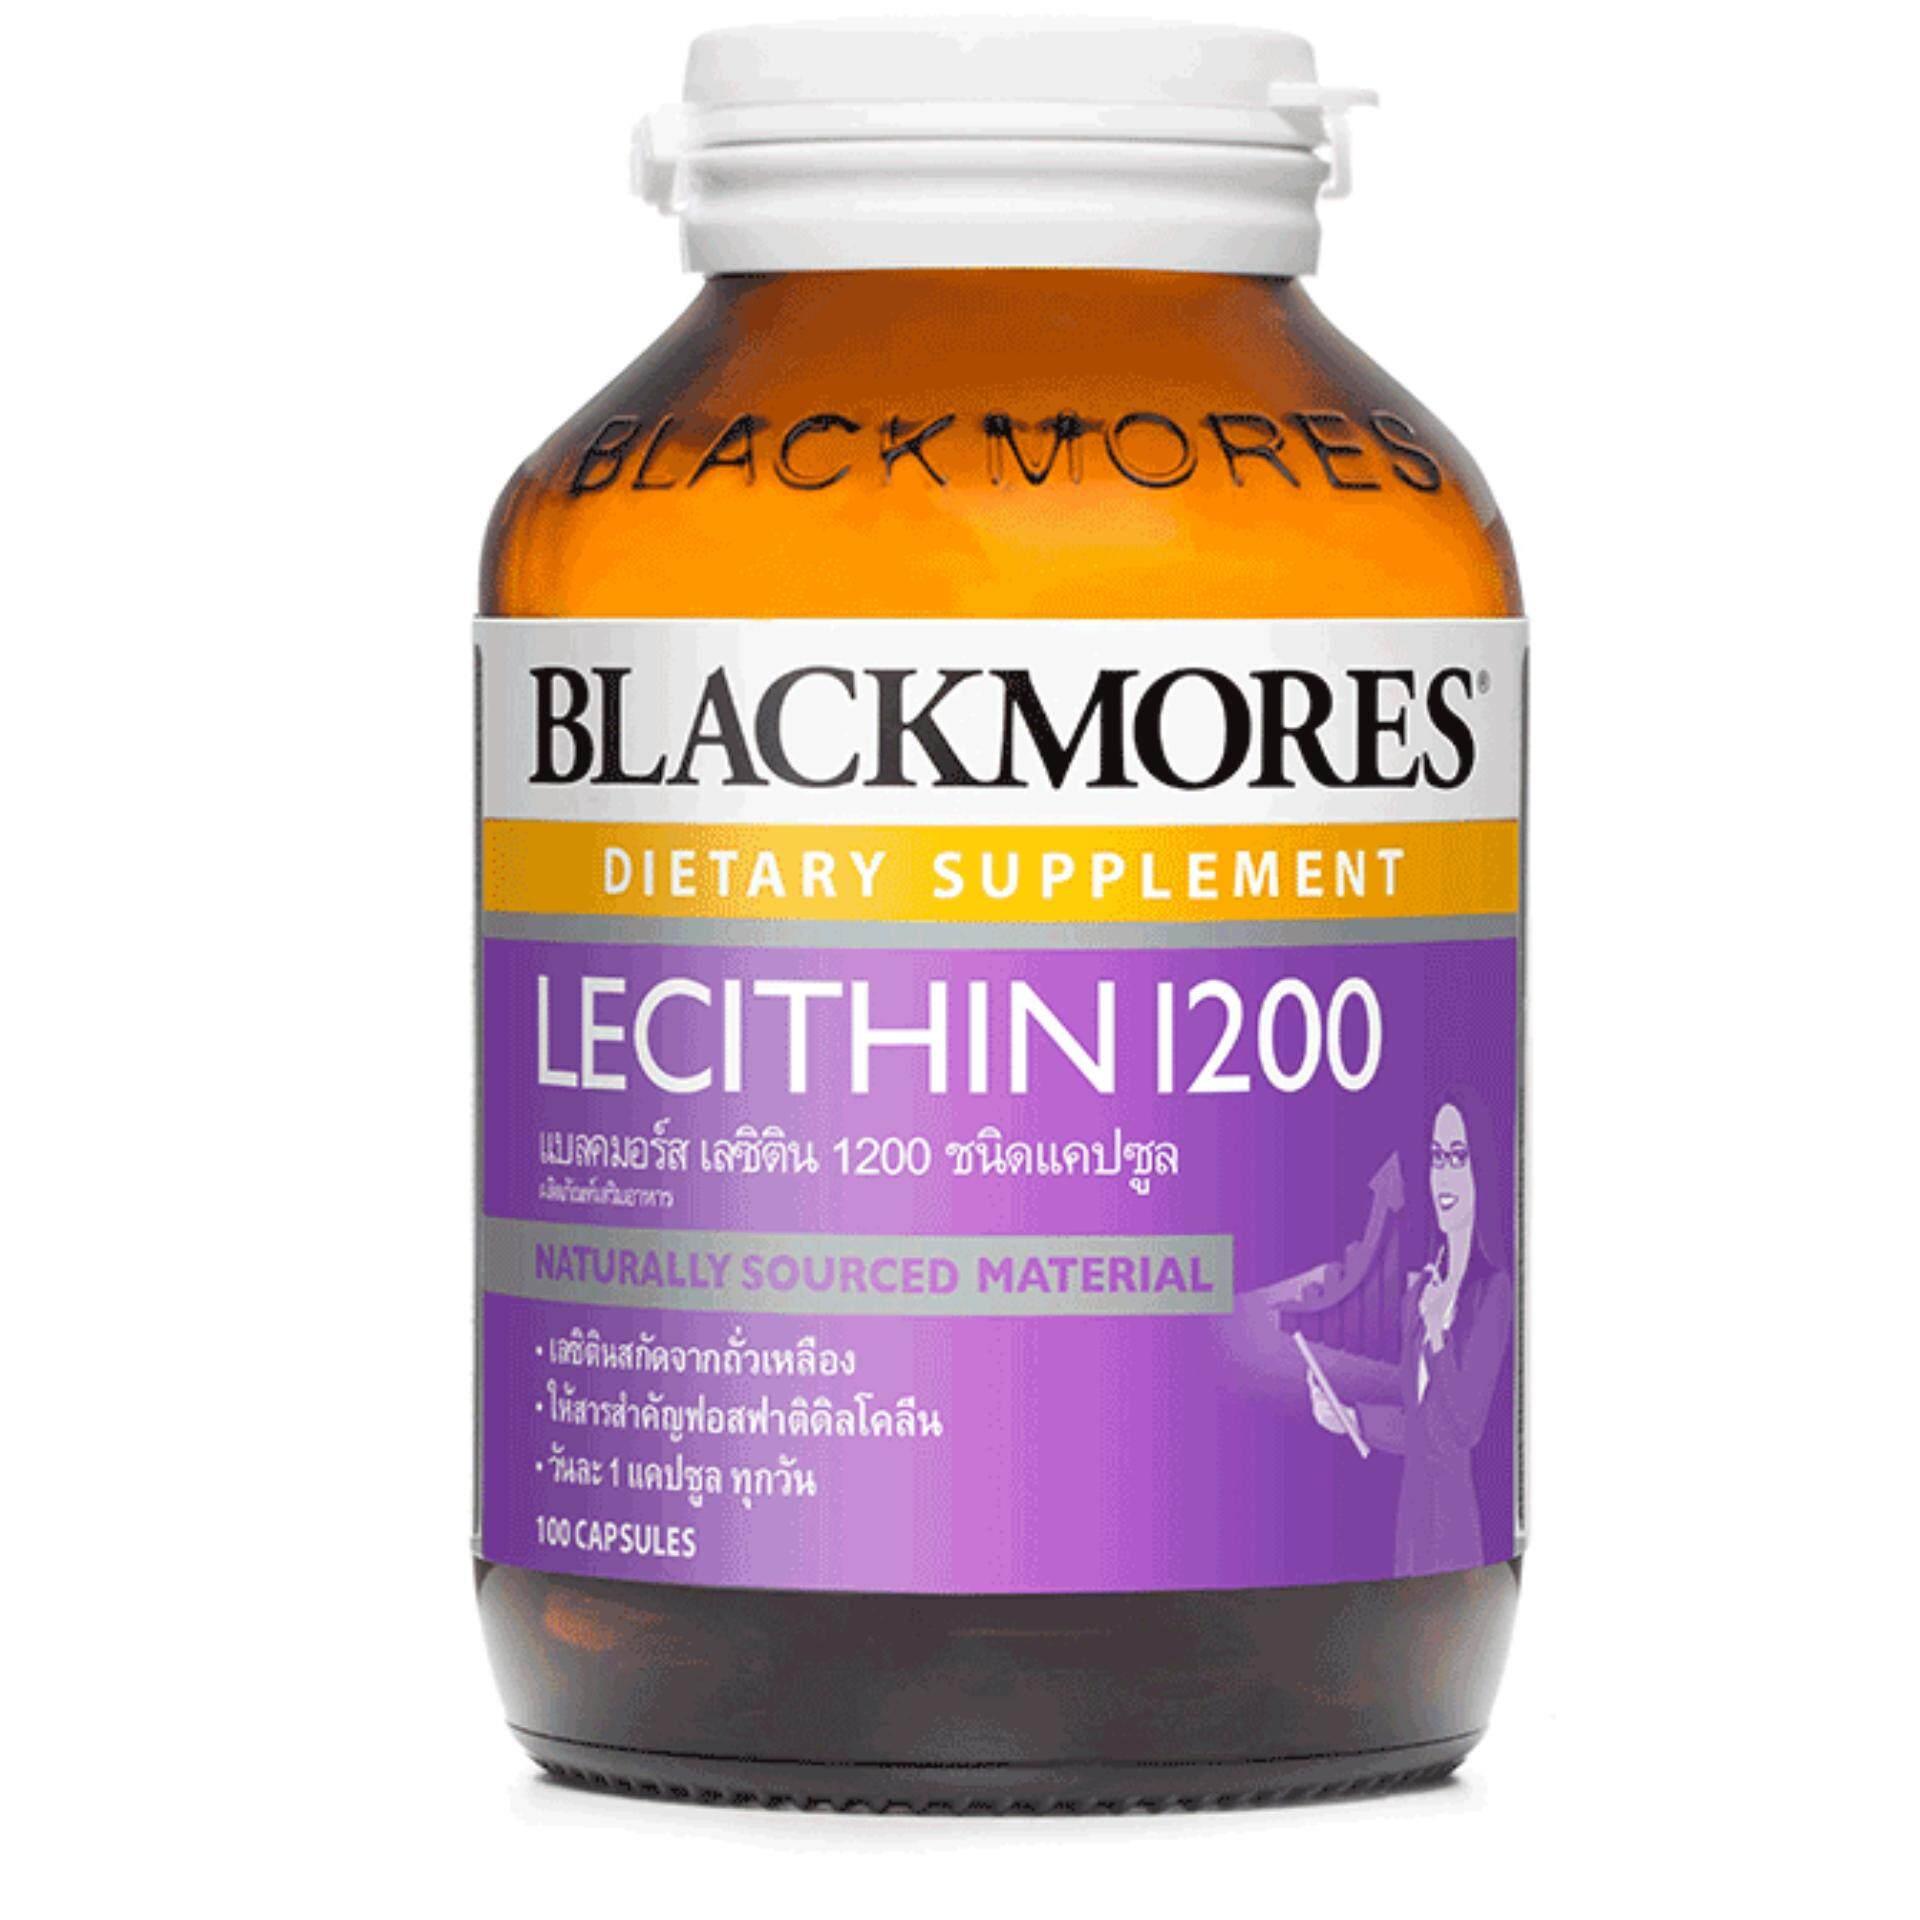 การใช้งาน  ชัยภูมิ Blackmores ผลิตภัณฑ์เสริมอาหาร Lecithin 1200 mg. (100เม็ด) 1 ขวด บำรุงสมองและระบบประสาท